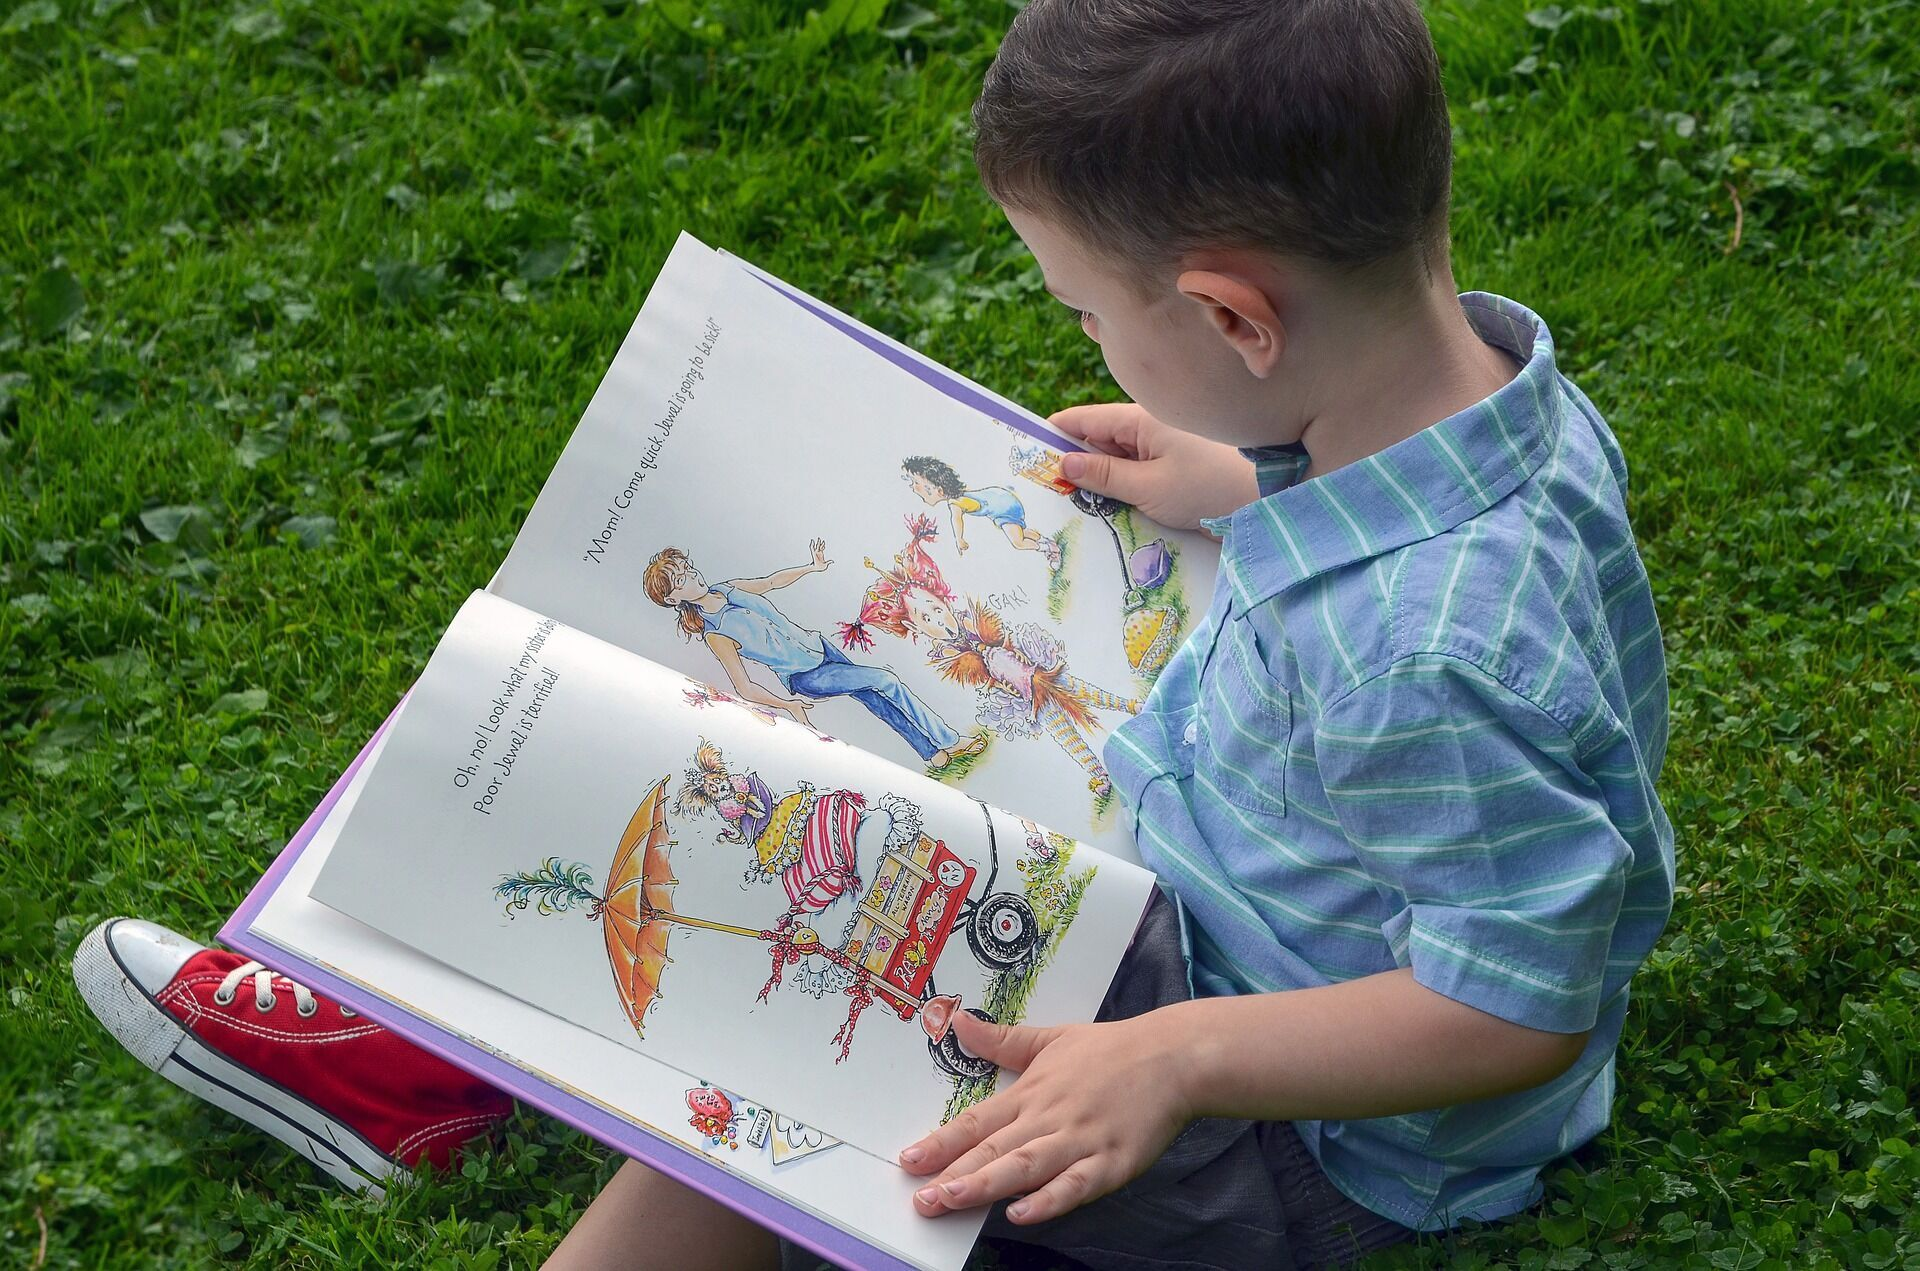 Международный день детской книги отмечается в день рождения Ганса Христиана Андерсена